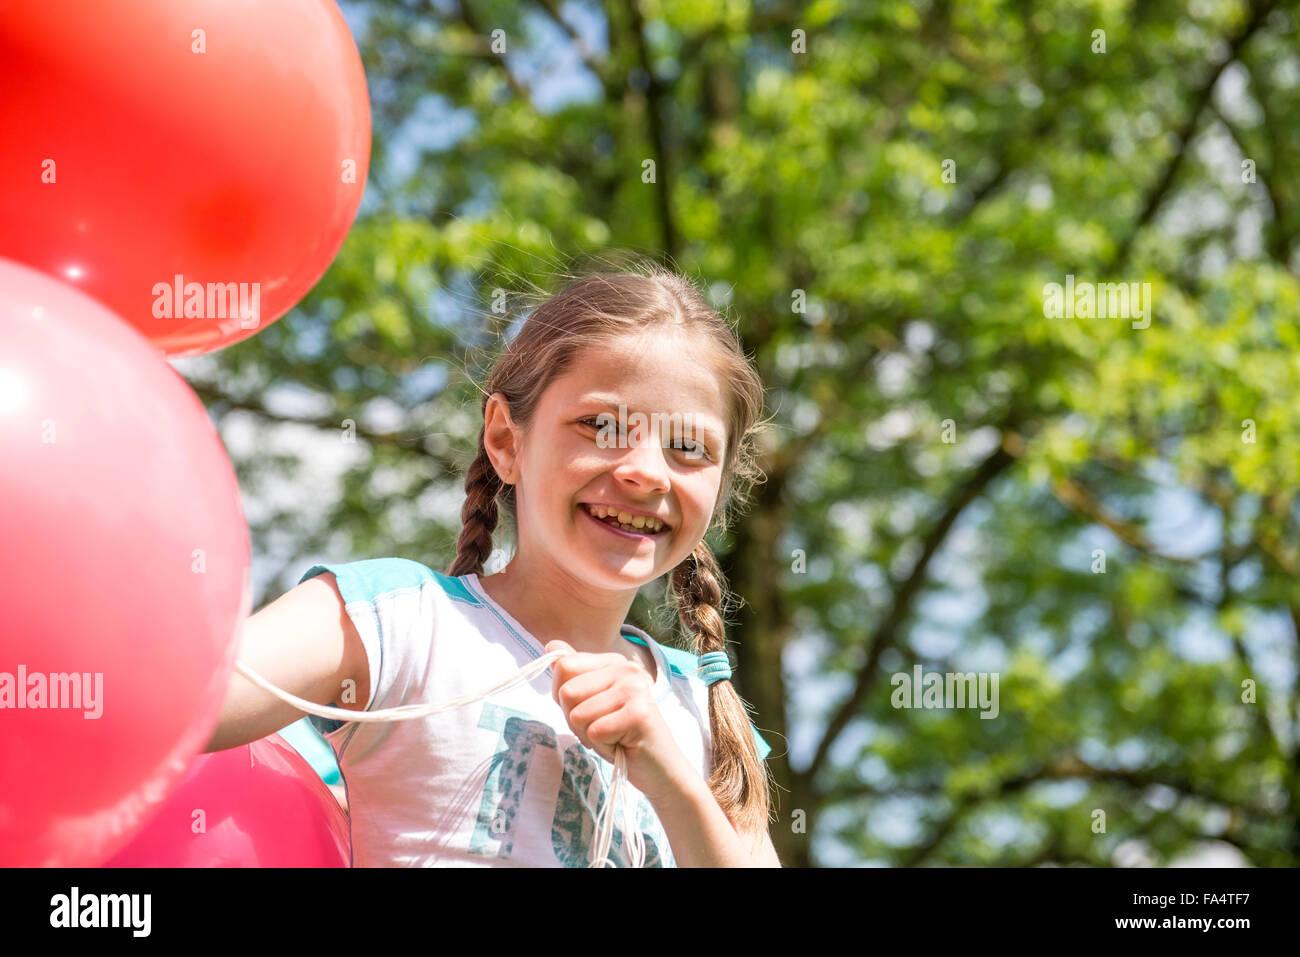 Ritratto di un sorridente ragazza con palloncini rossi, Monaco di Baviera, Germania Immagini Stock